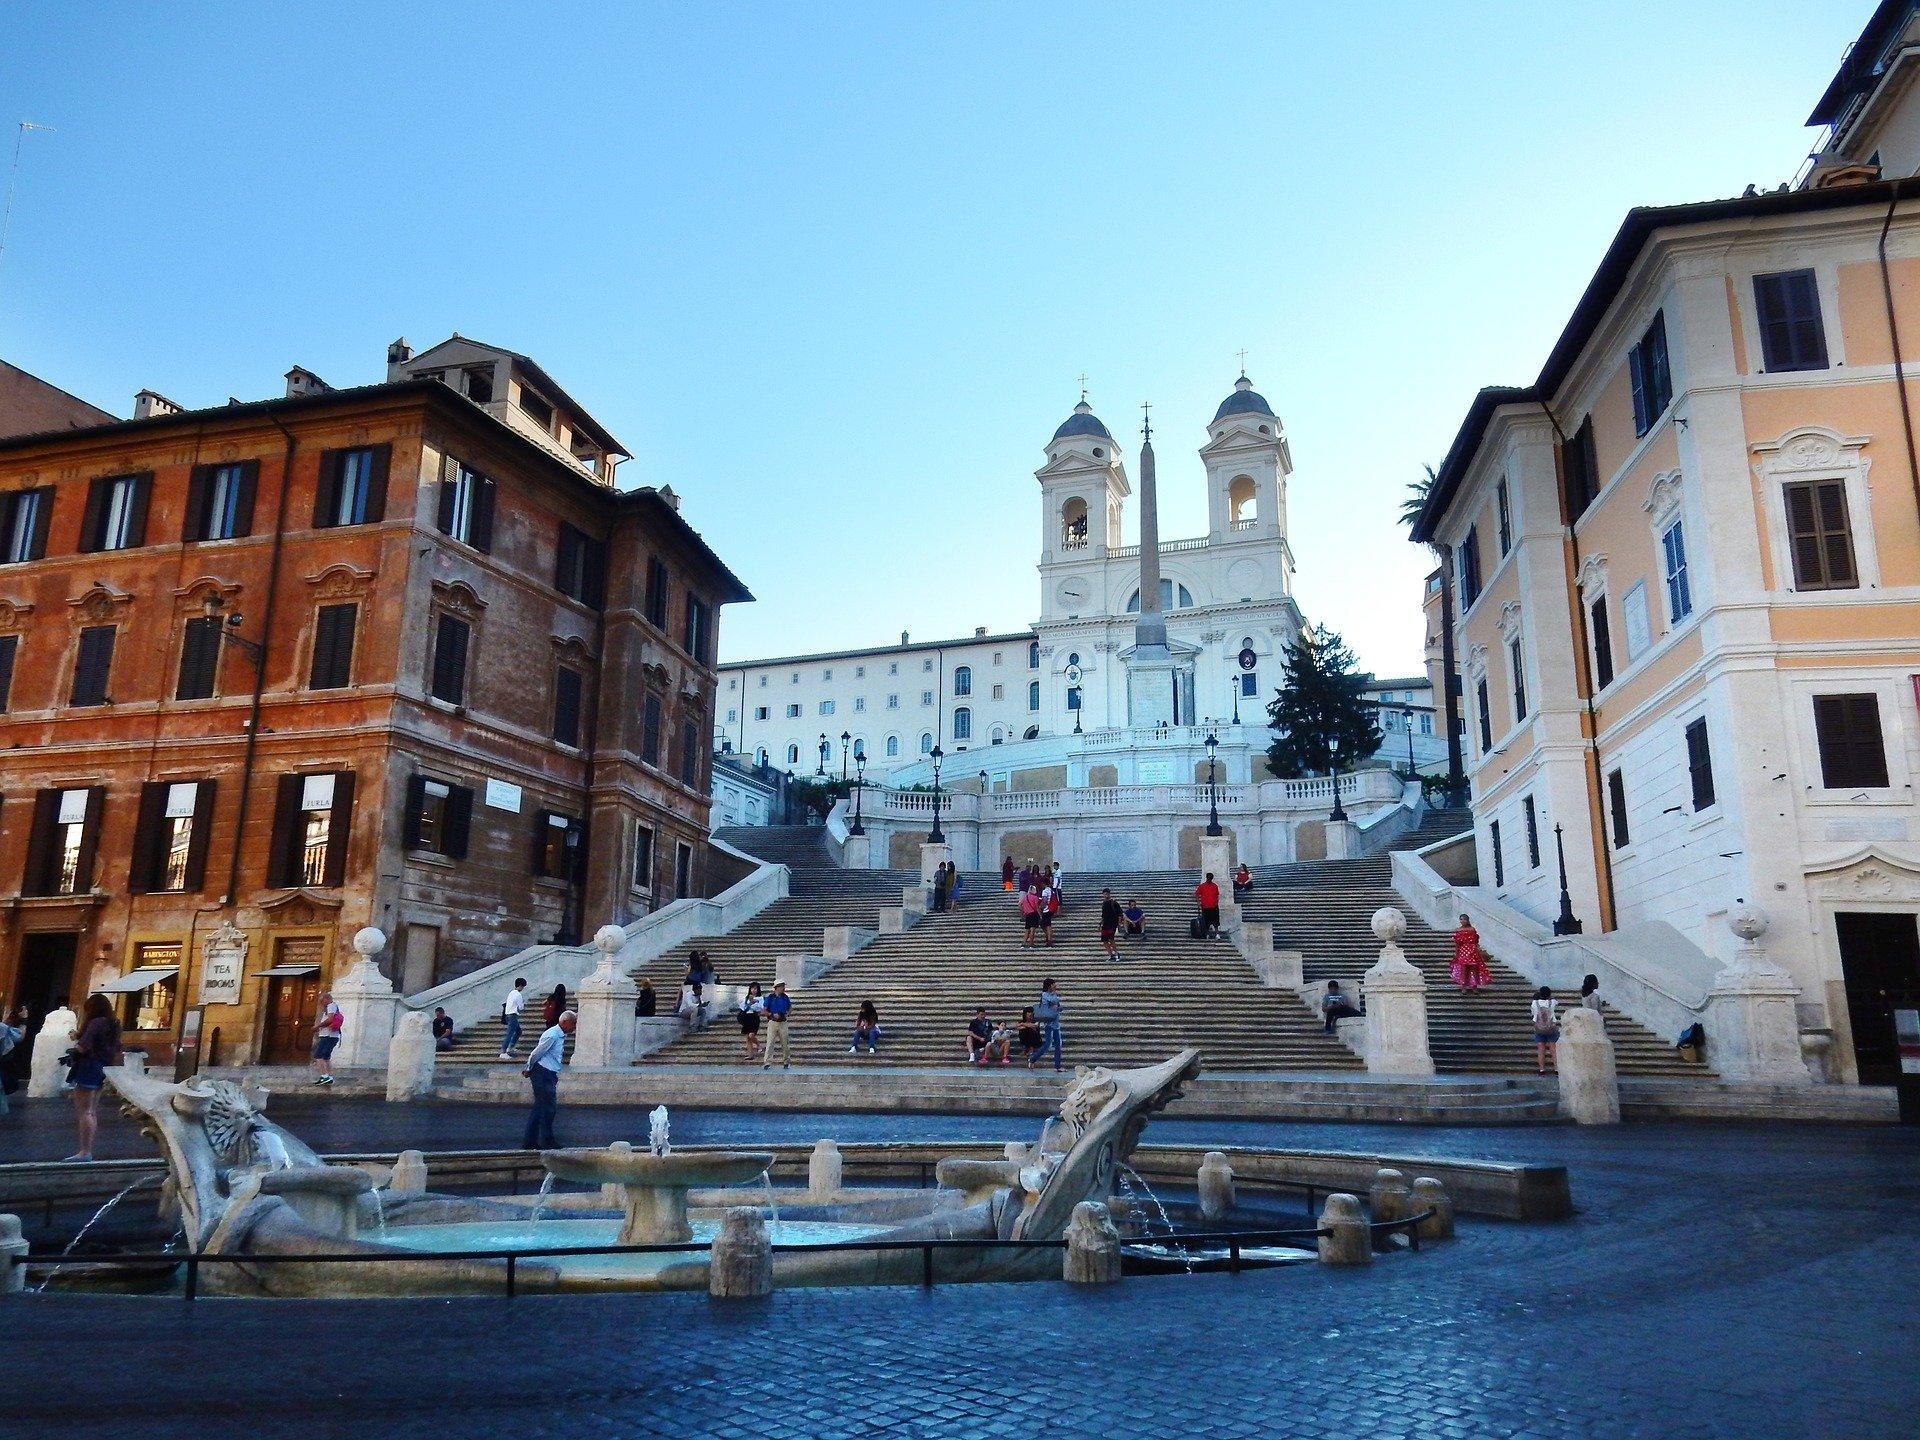 המדרגות הספרדיות - רומא בחינם